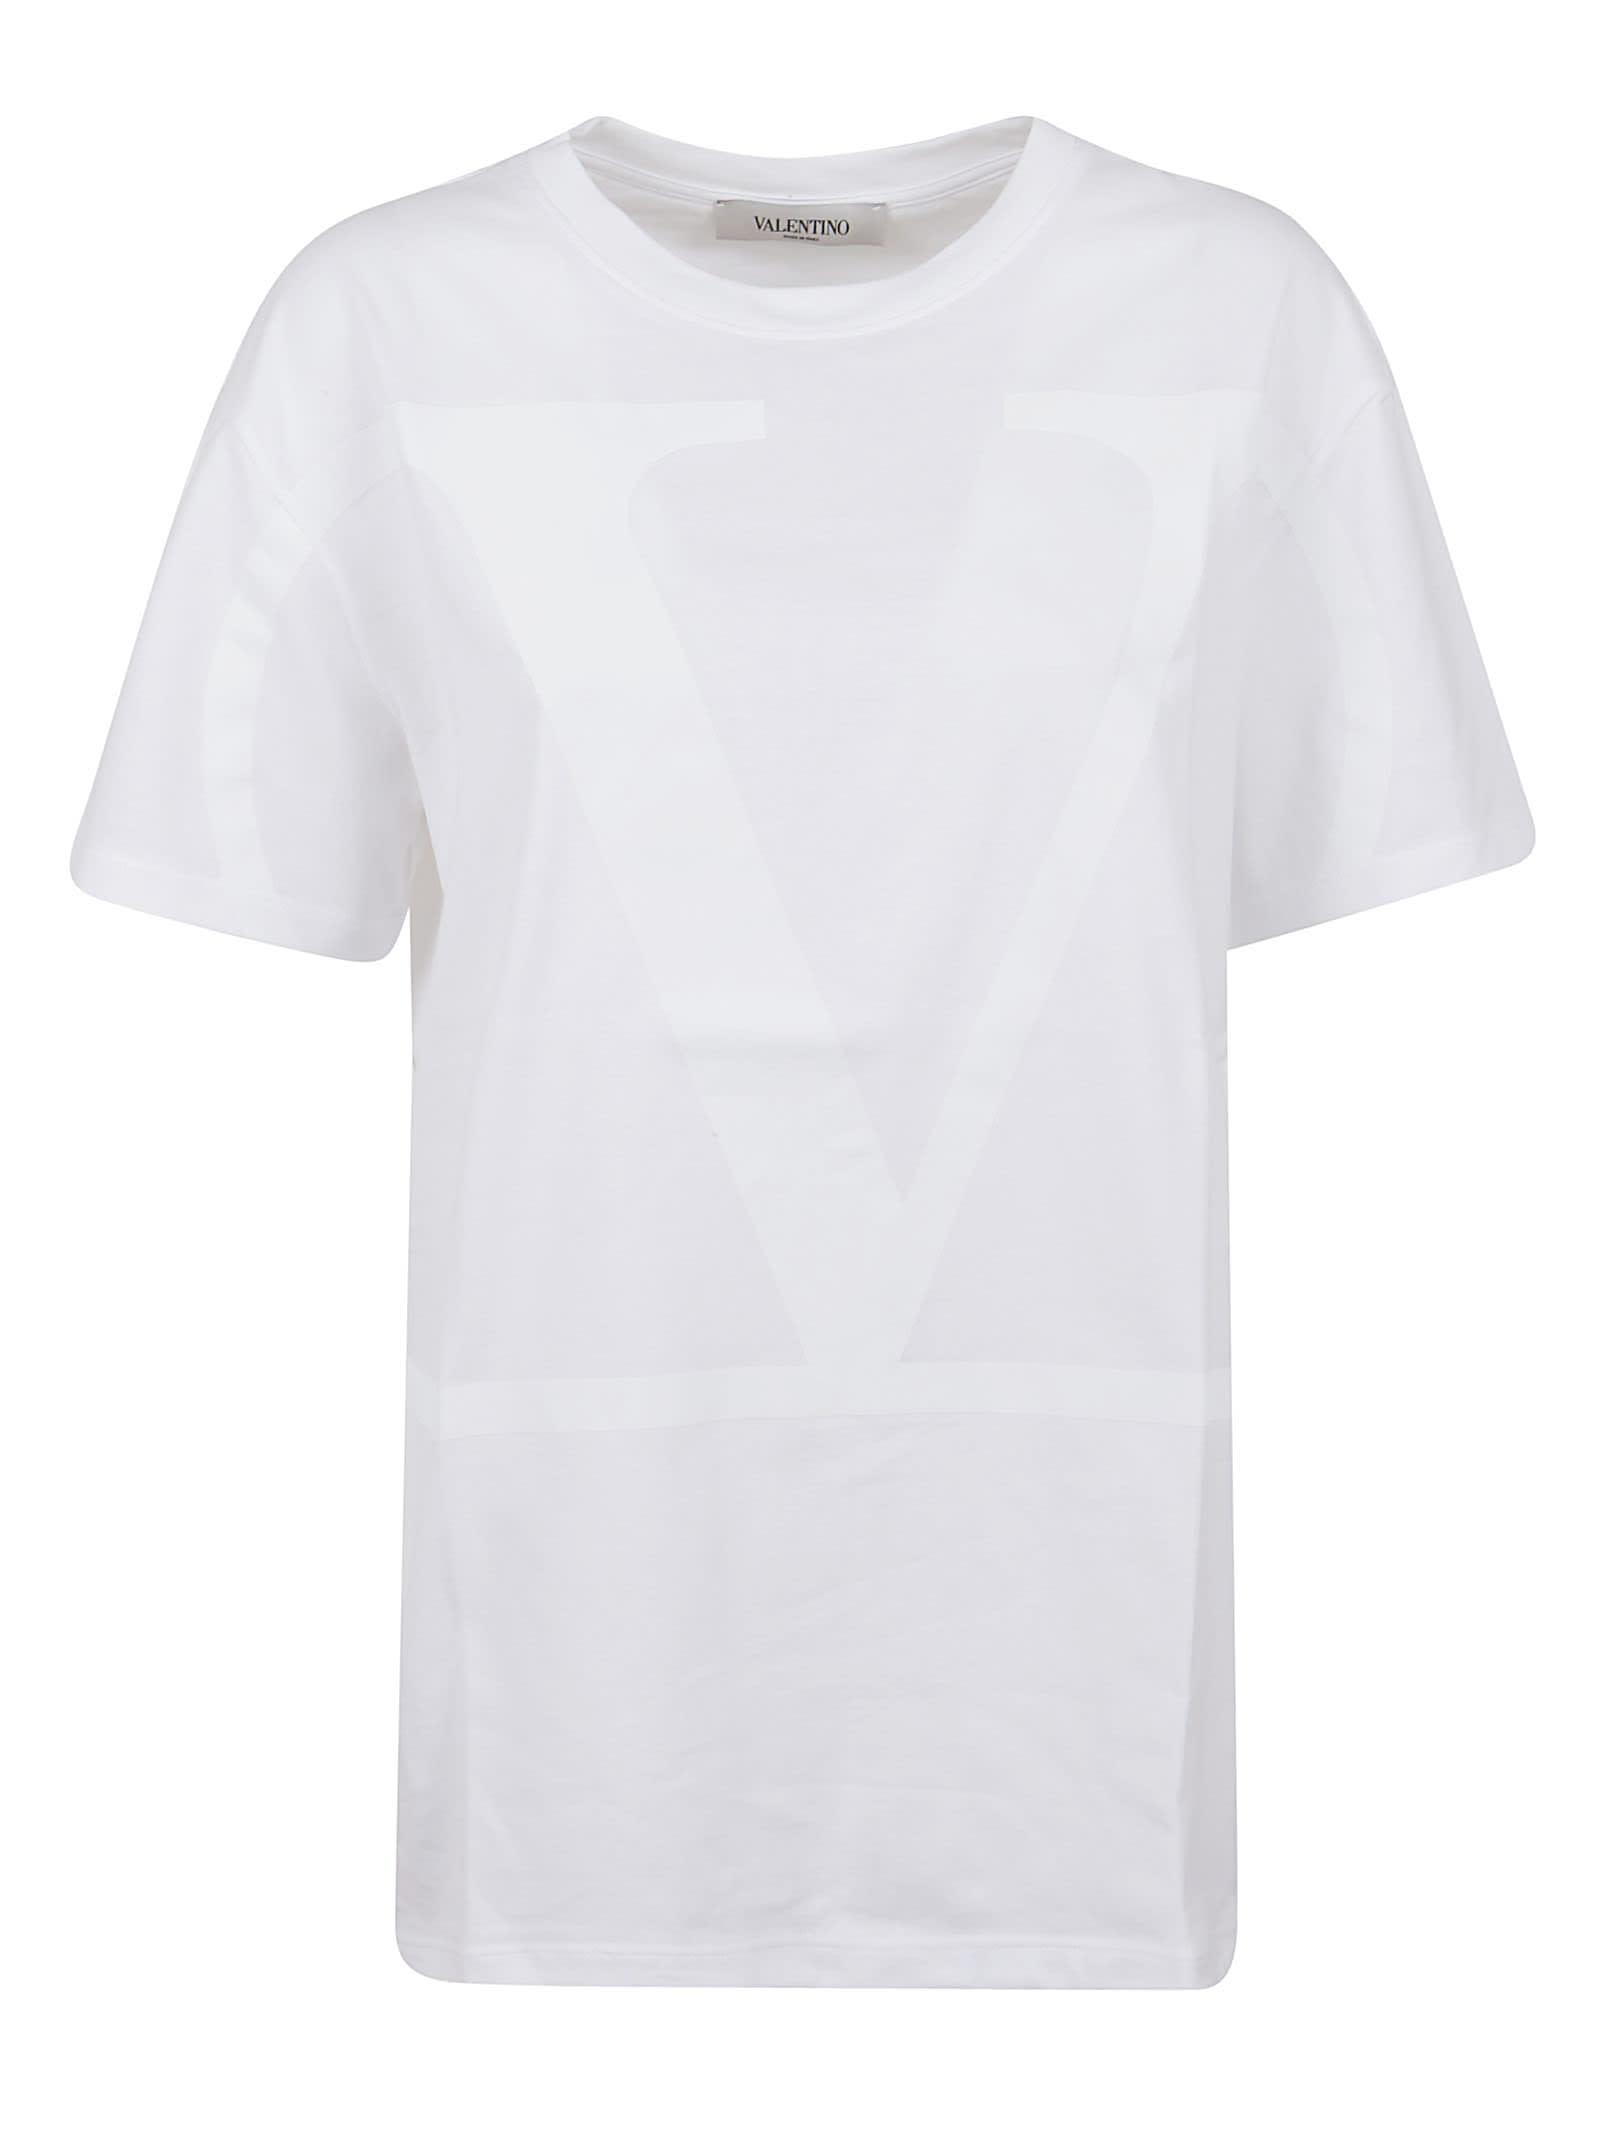 Valentino Vlogo Tshirt